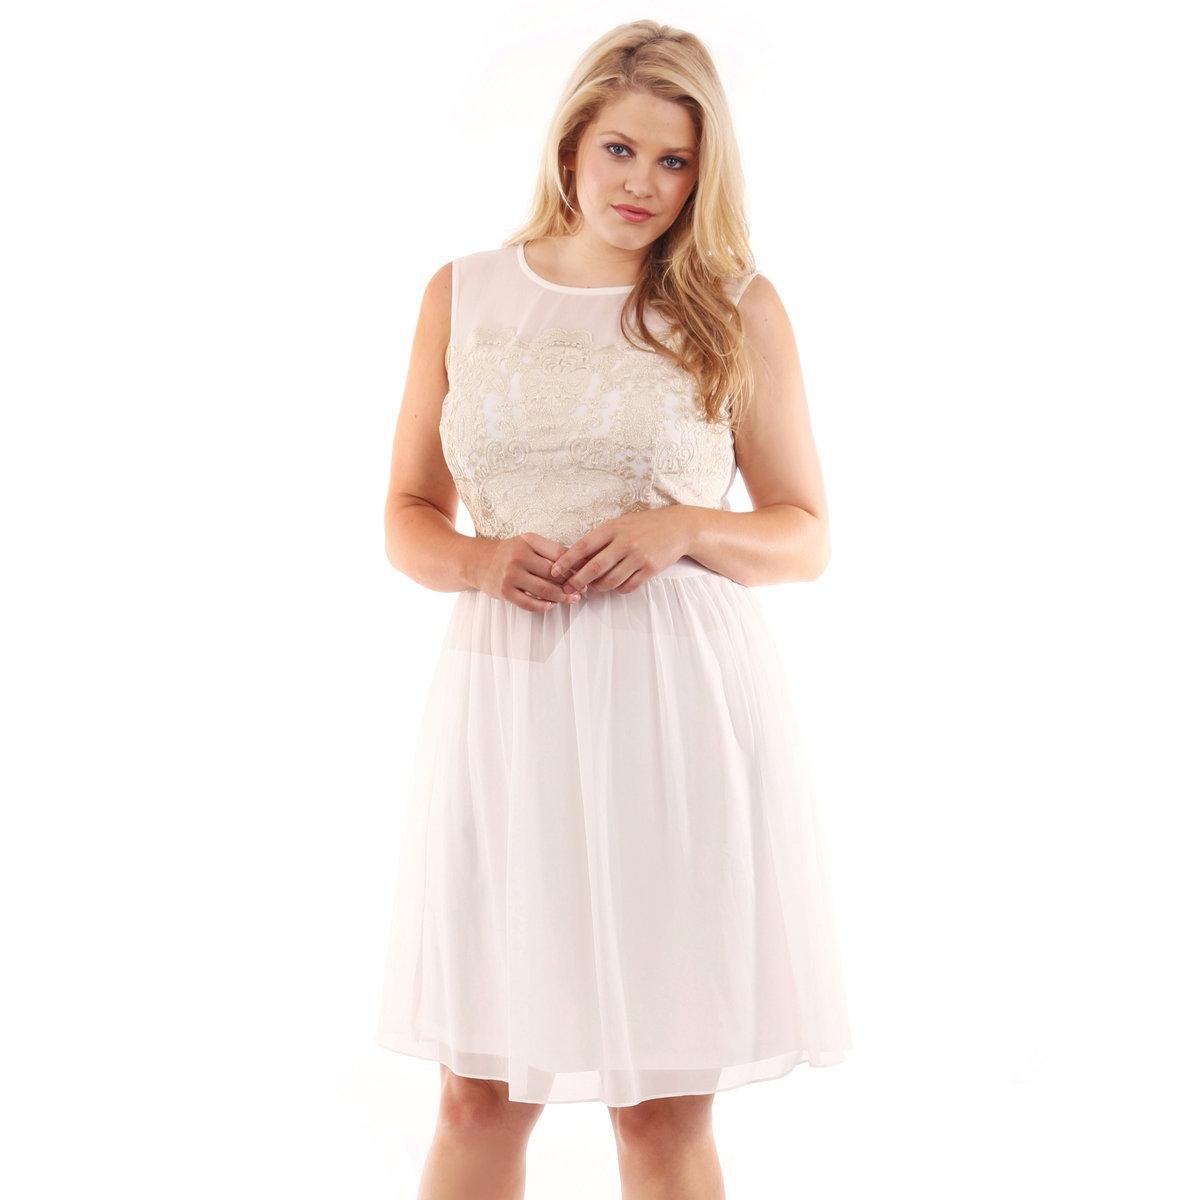 Платье короткоеПлатье короткое LOVEDROBE, без рукавов. Кружевной узор в верхней части платья. Длина ок.101 см. 100% полиэстера.<br><br>Цвет: слоновая кость/ золотистый<br>Размер: 58/60 (FR) - 64/66 (RUS)